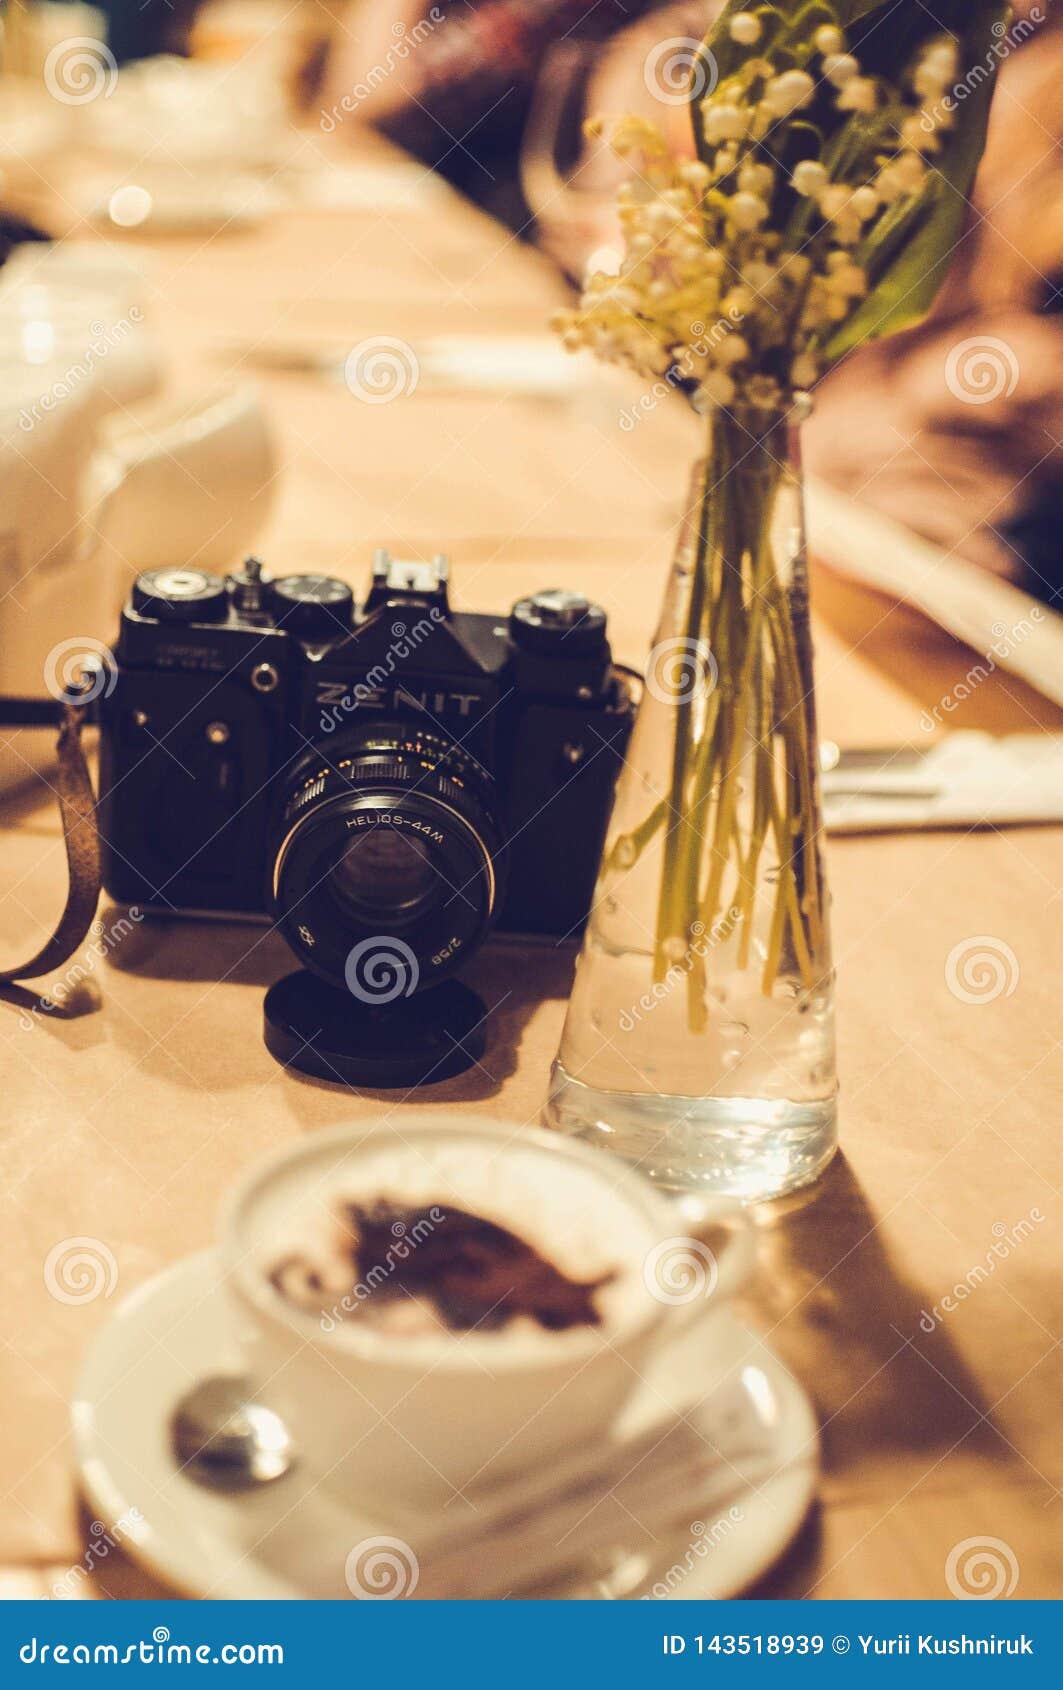 Ternopil, Ucrania 04,04,2013 - taza de café con espuma de la imagen gigantesca en cámara del café y del zenit